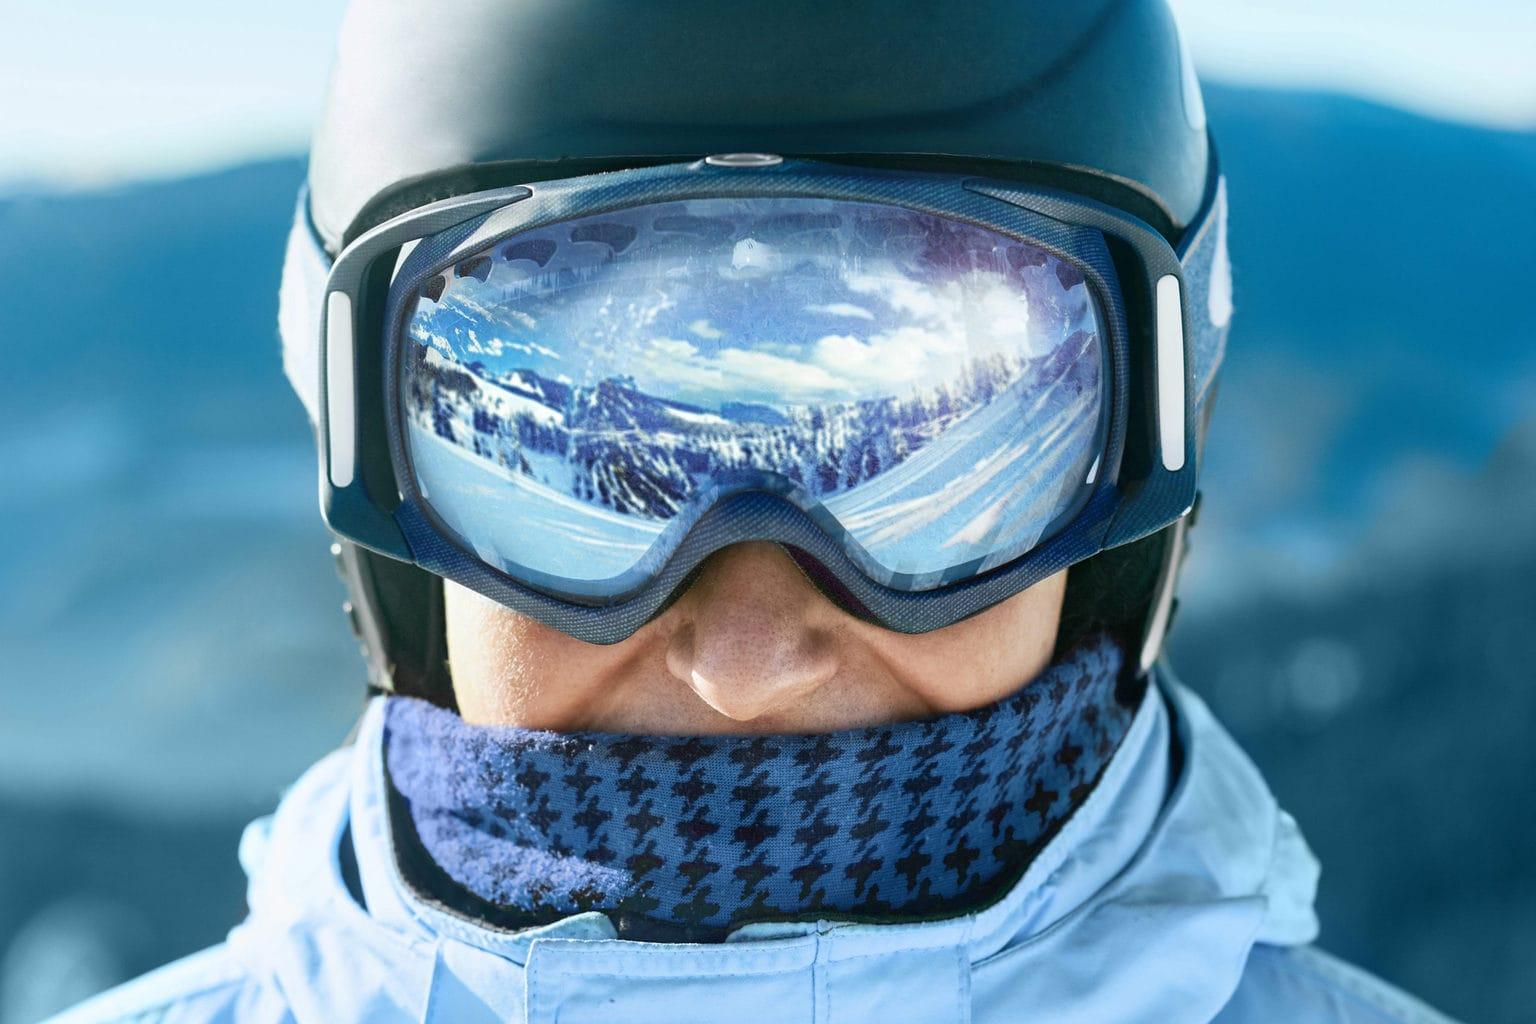 Winterlandschap spiegelt in een skibril van een skieer in de Duitse Alpen